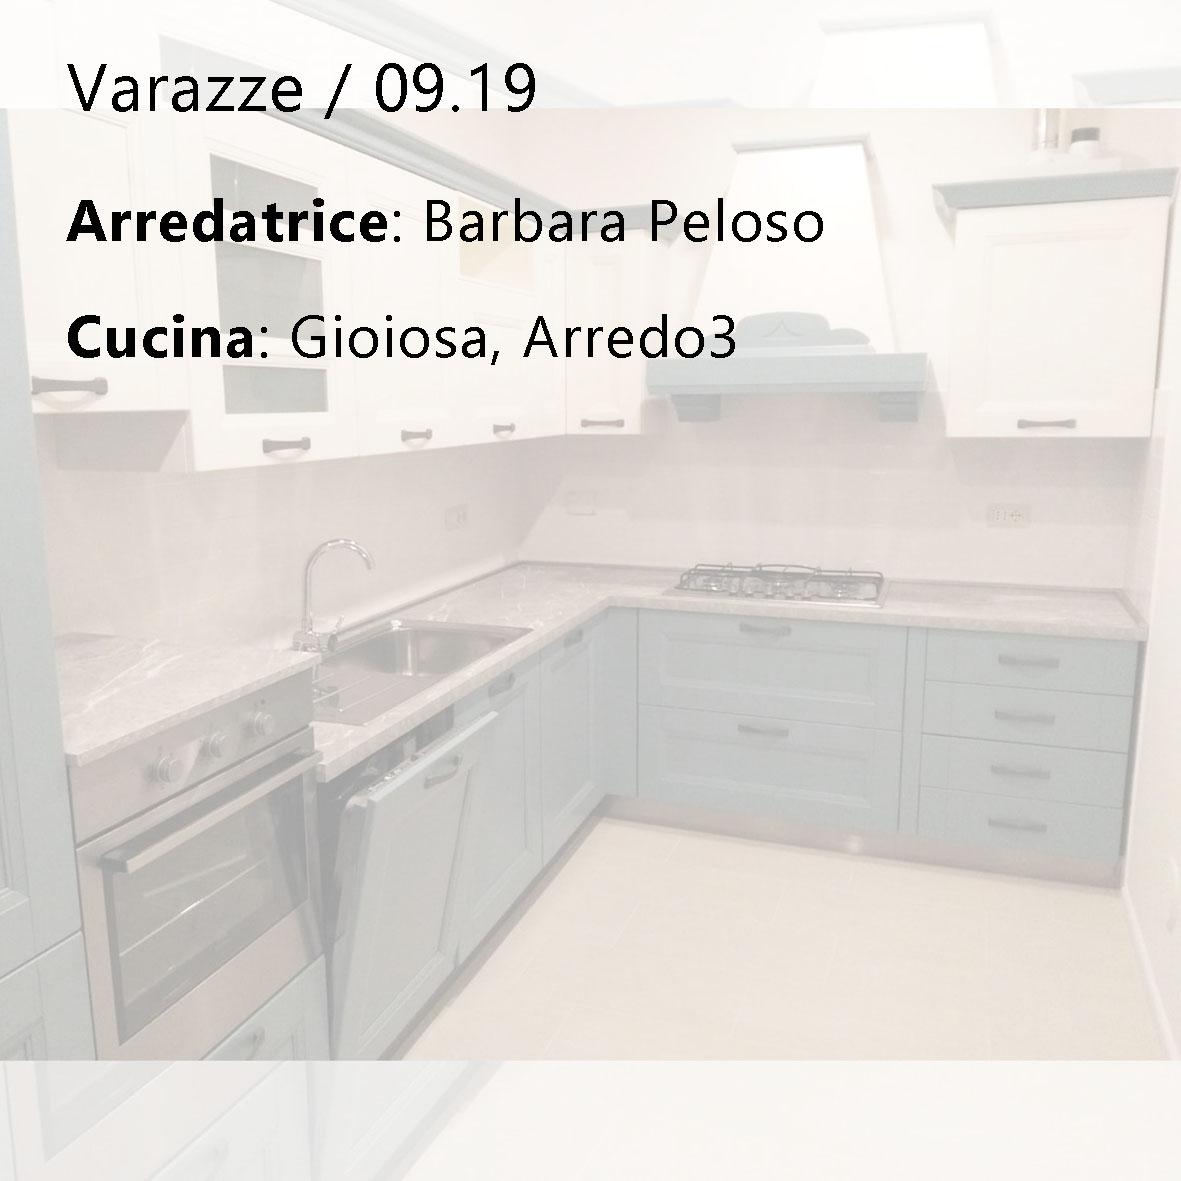 gioiosa-cucina-arredo3-cucina azzurra-cucina classica